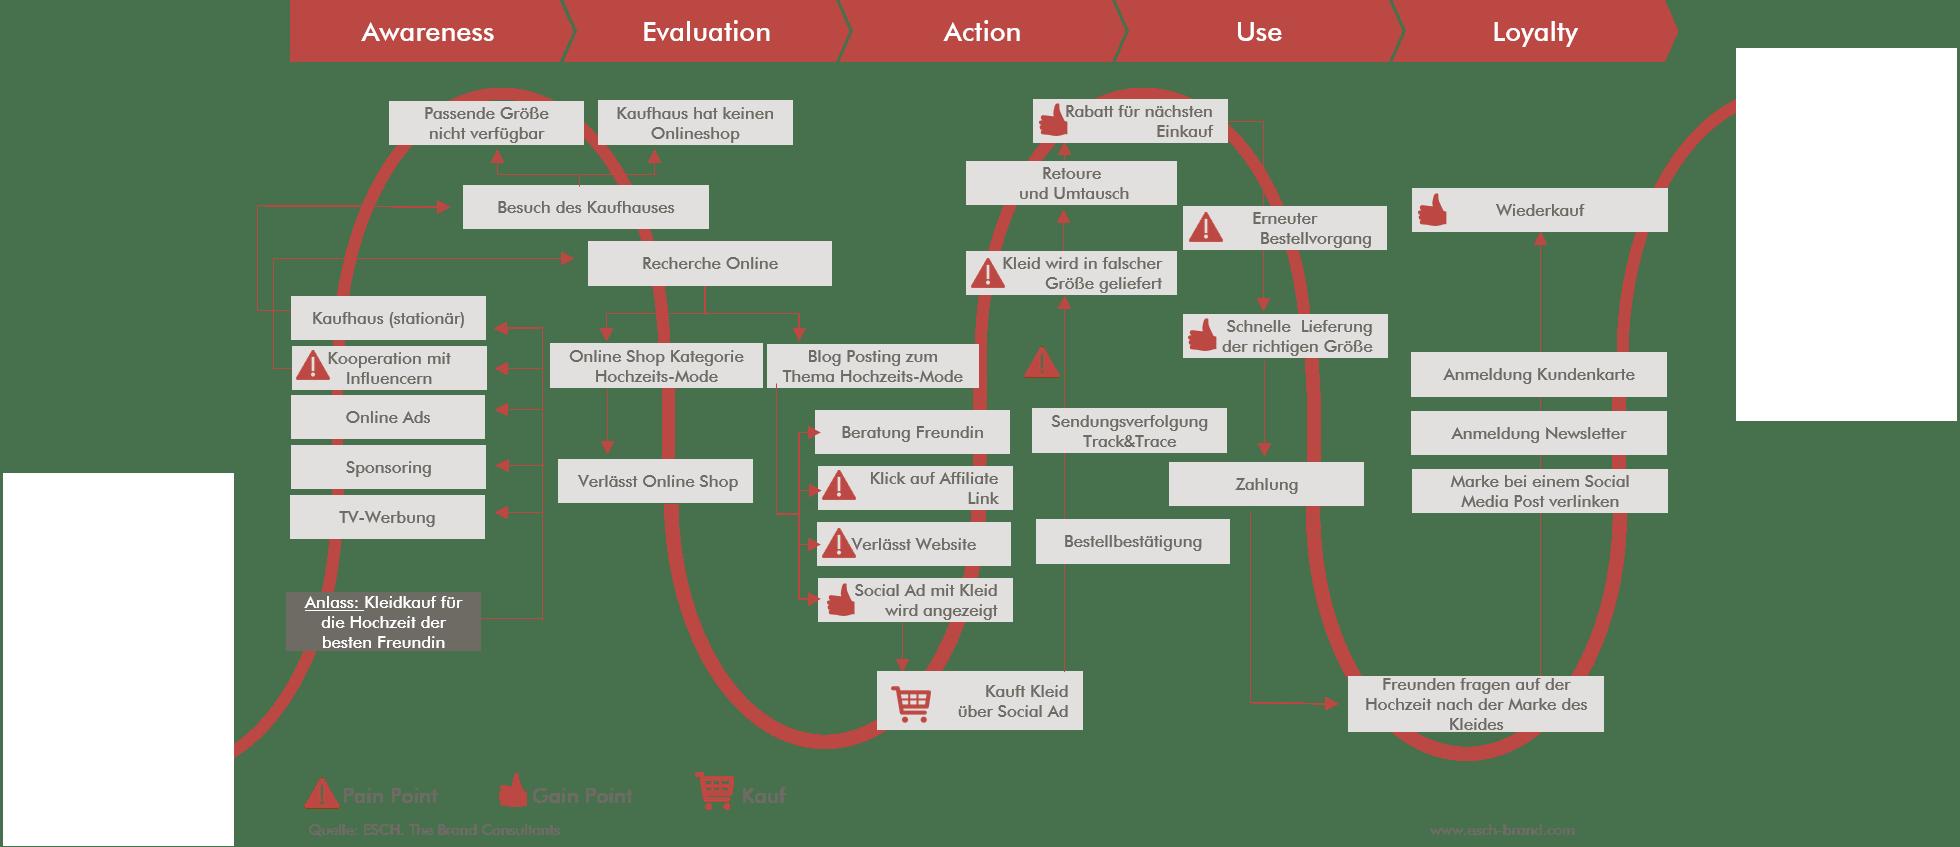 Beispiel einer Customer Journey Simulation für eine erstellte Persona